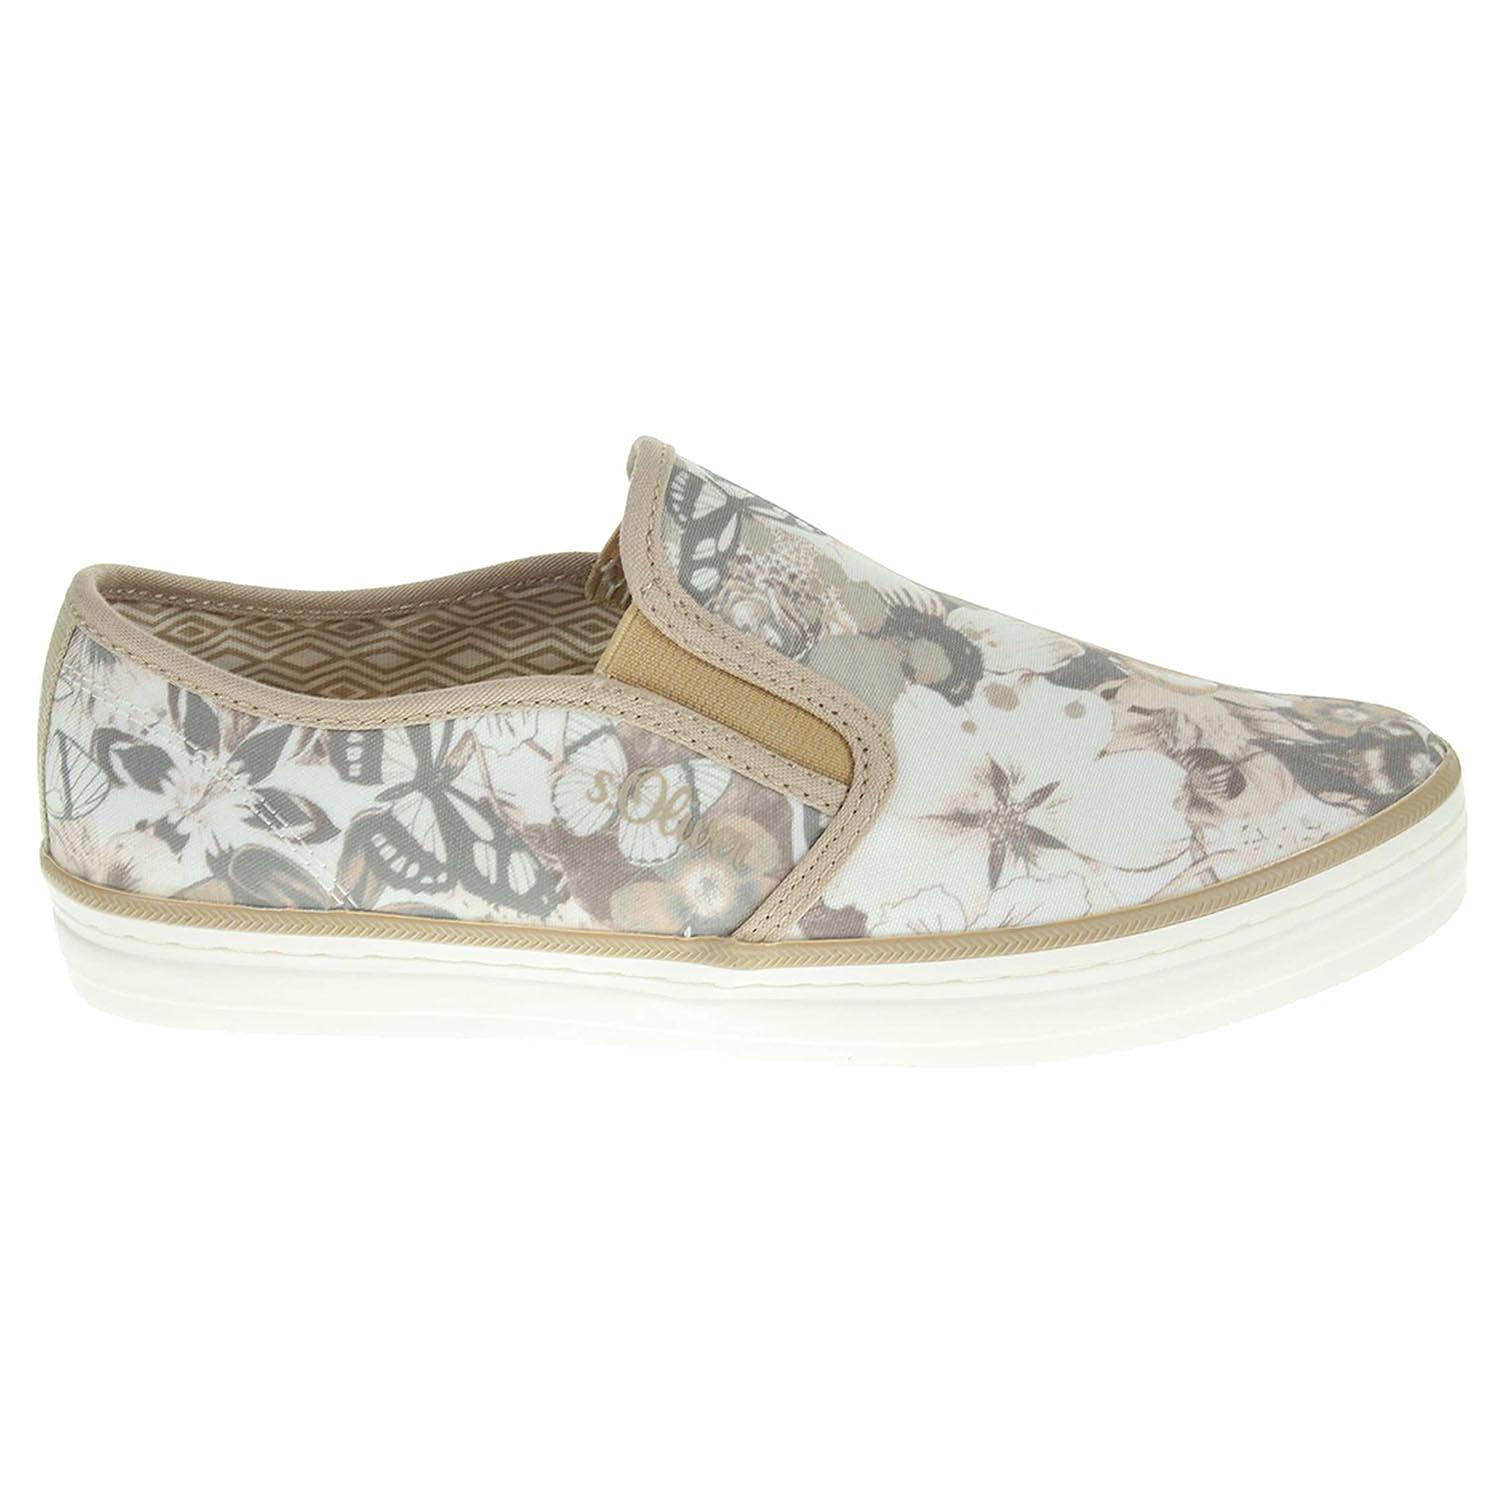 s.Oliver dámská obuv 5-24624-26 béžová 36